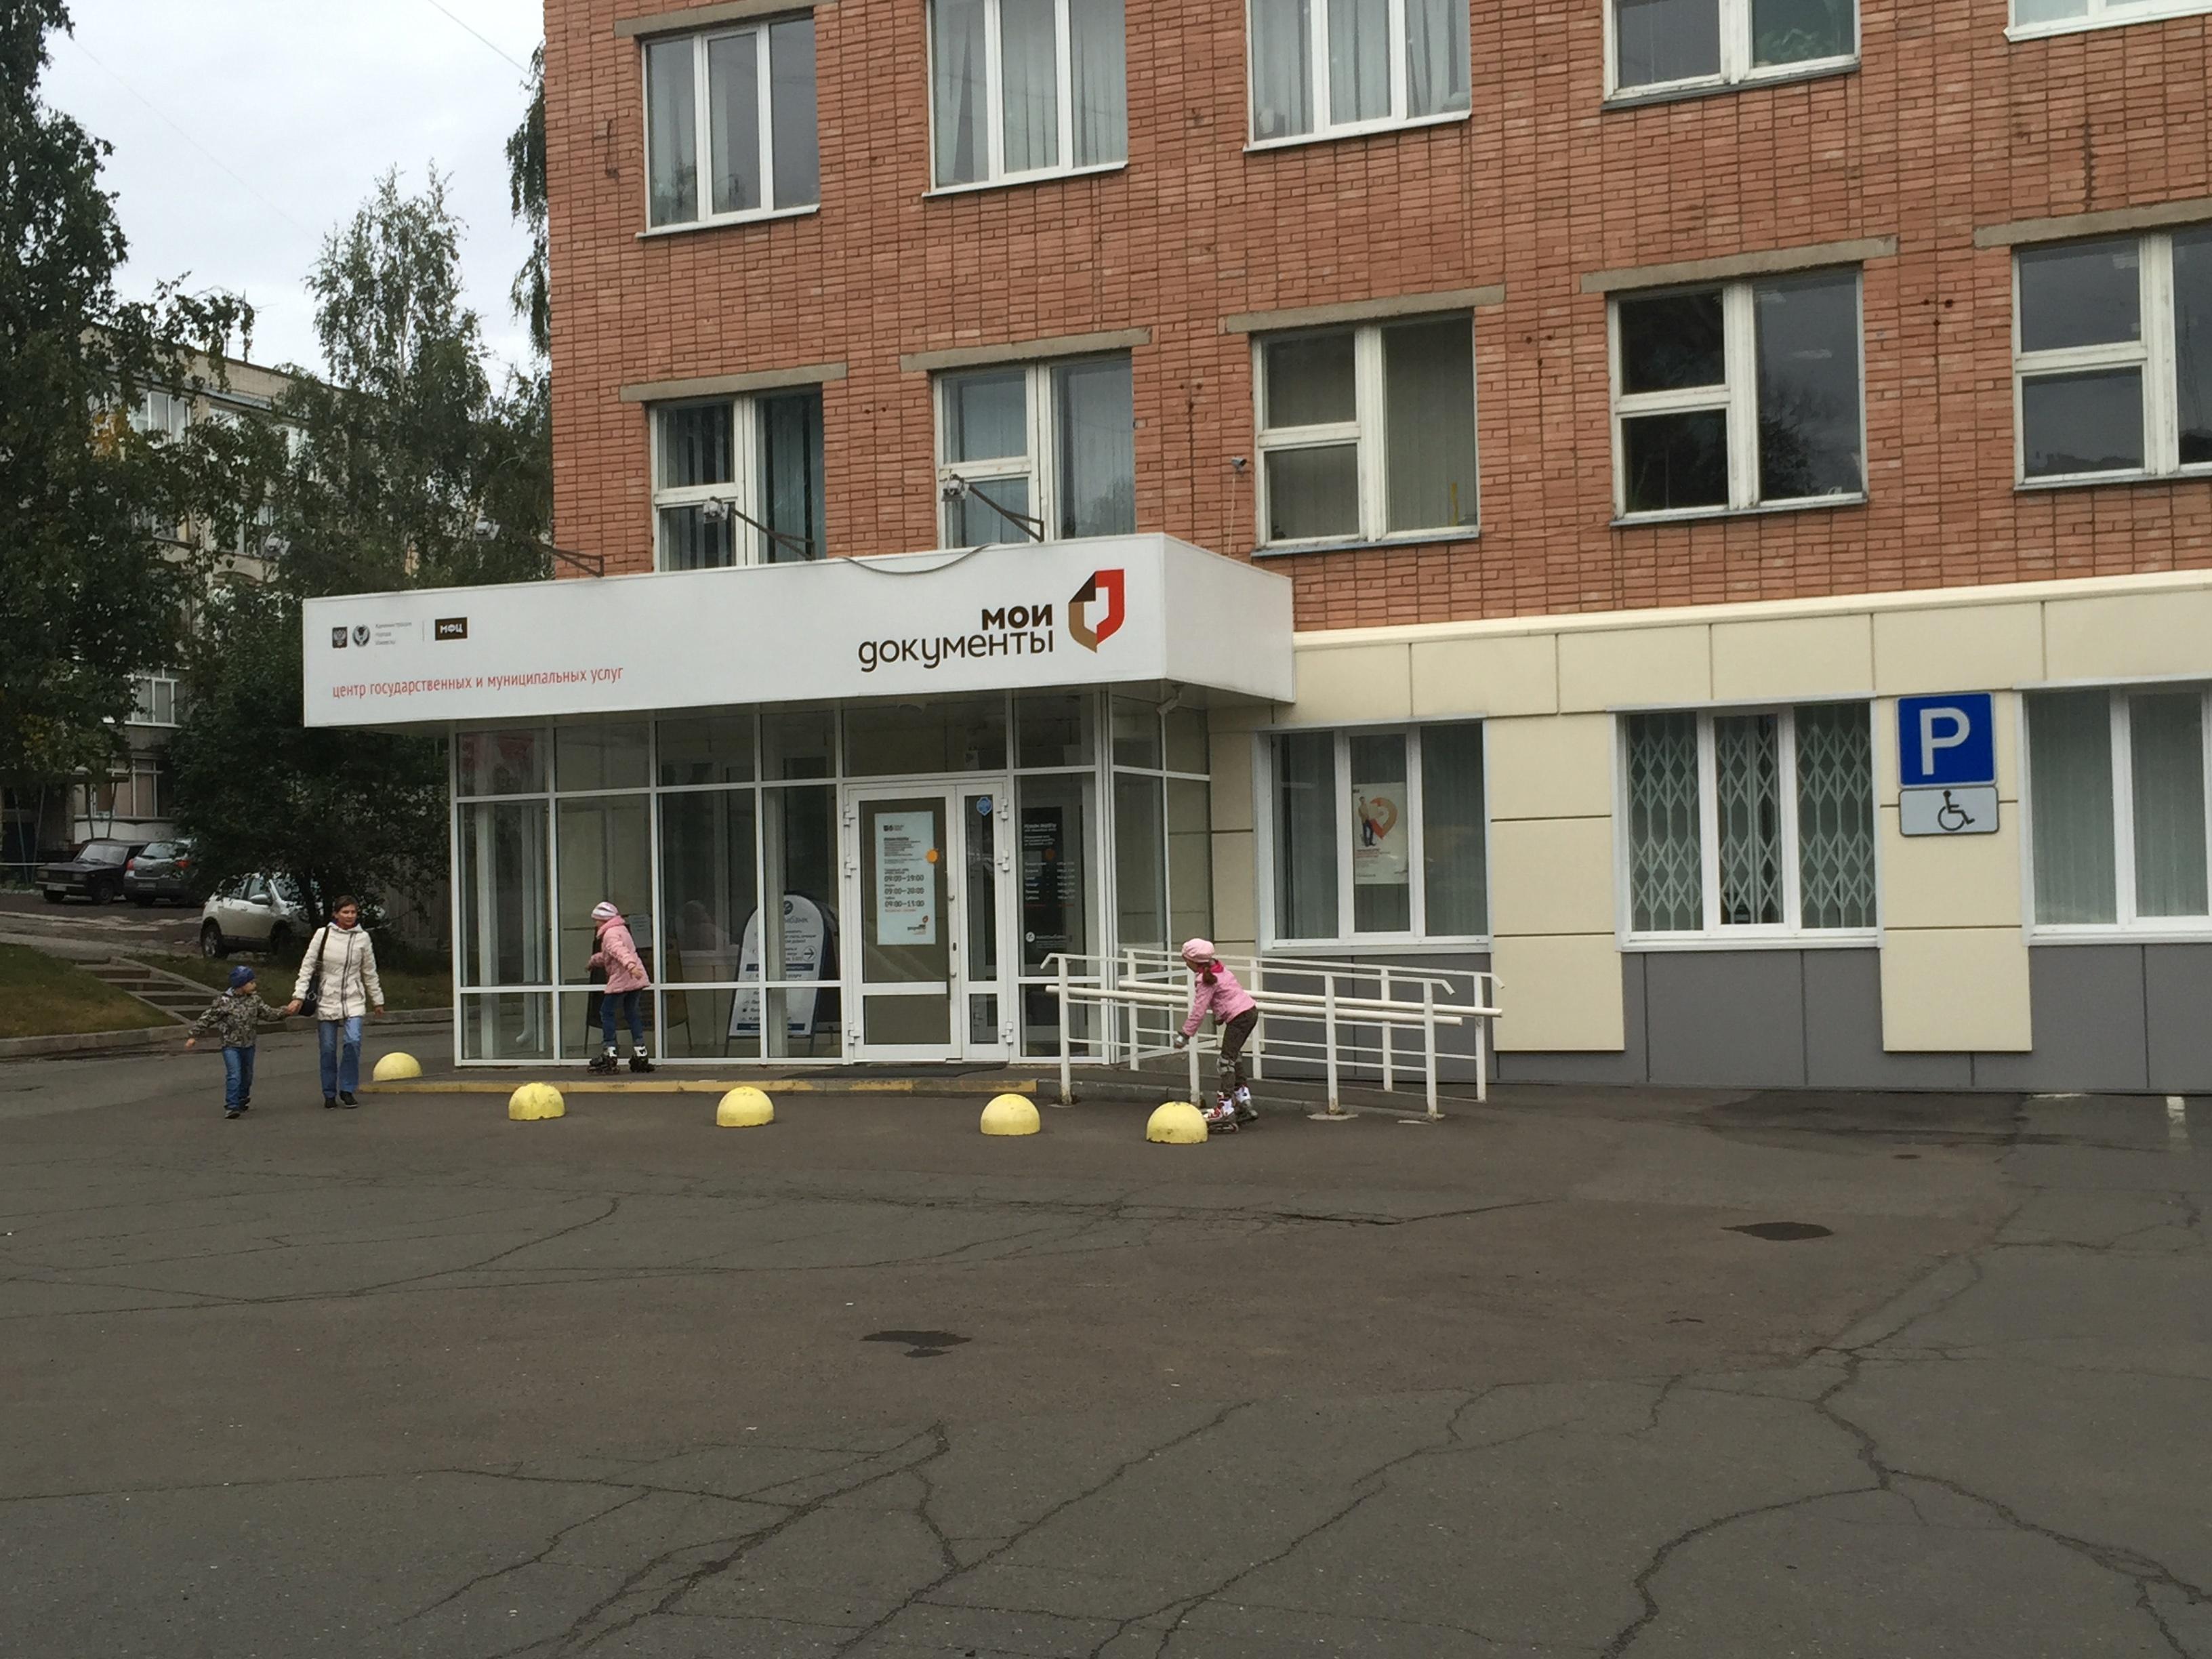 Фора строительная компания Ижевск форум сибтрансстрой ооо дорожно-строительная компания тИжевск